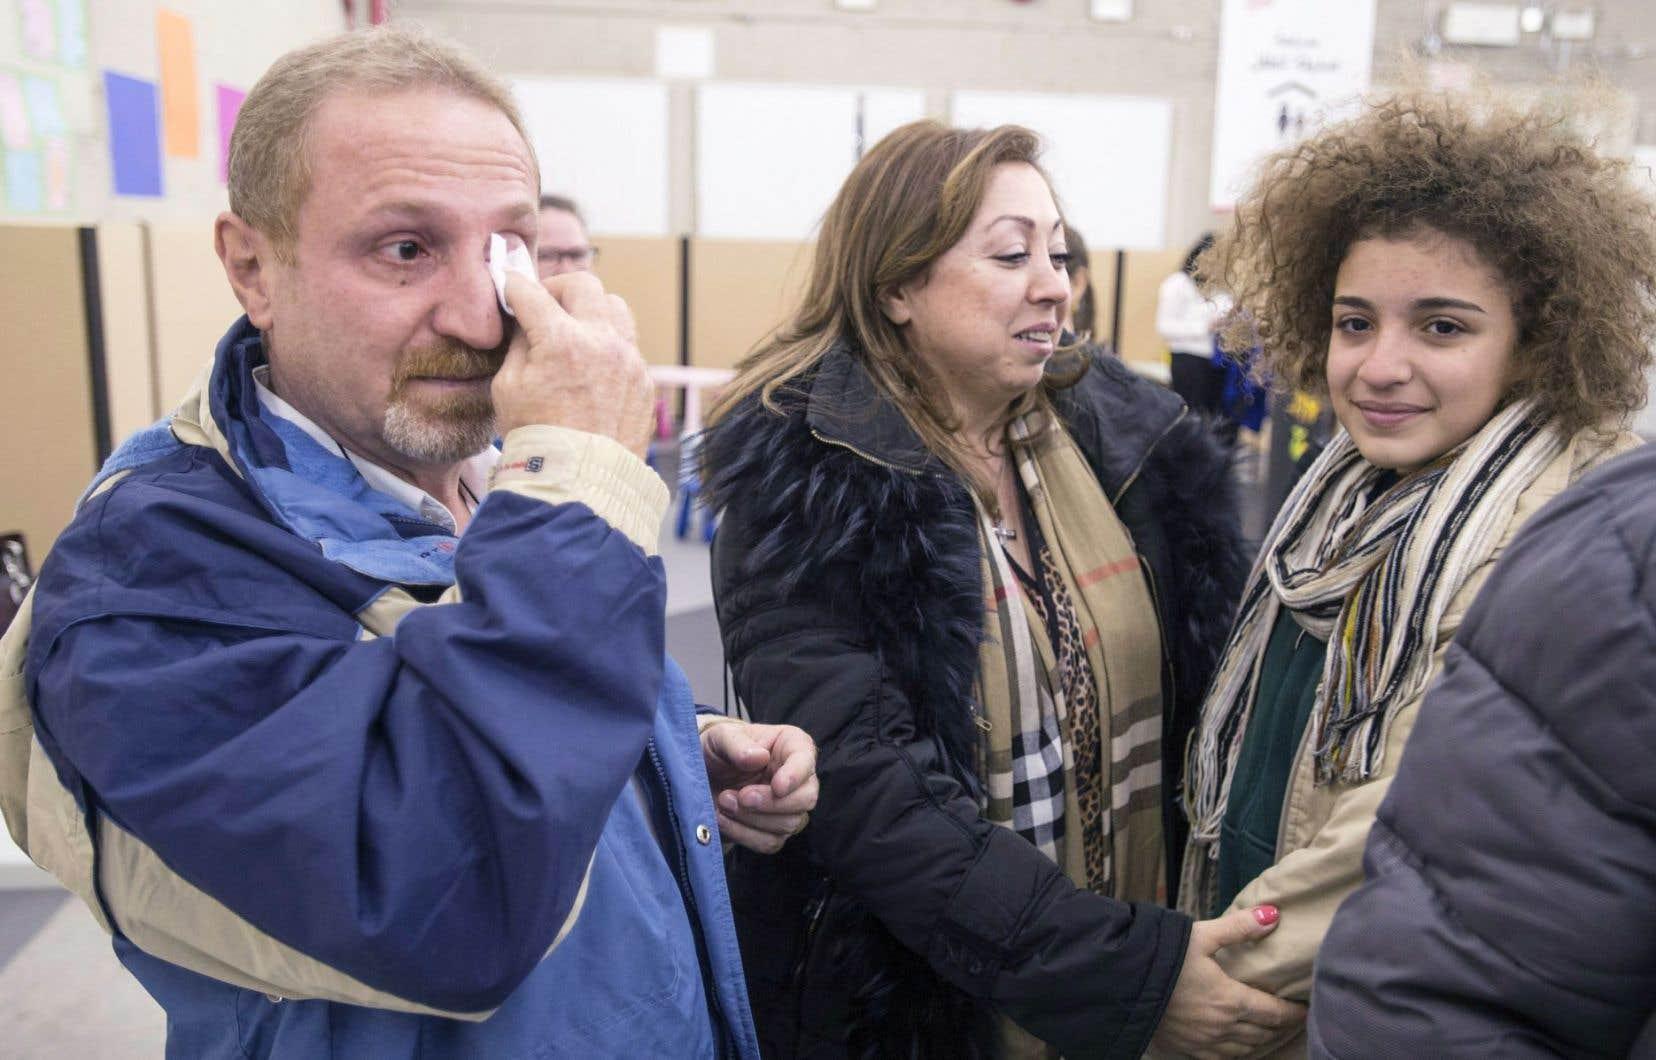 Les familles étaient heureuses et émues de se retrouver, samedi soir. Samer Beylouneh essuie ses larmes tandis que sa fille, Laila, est accueillie par sa tante Marie Belona.